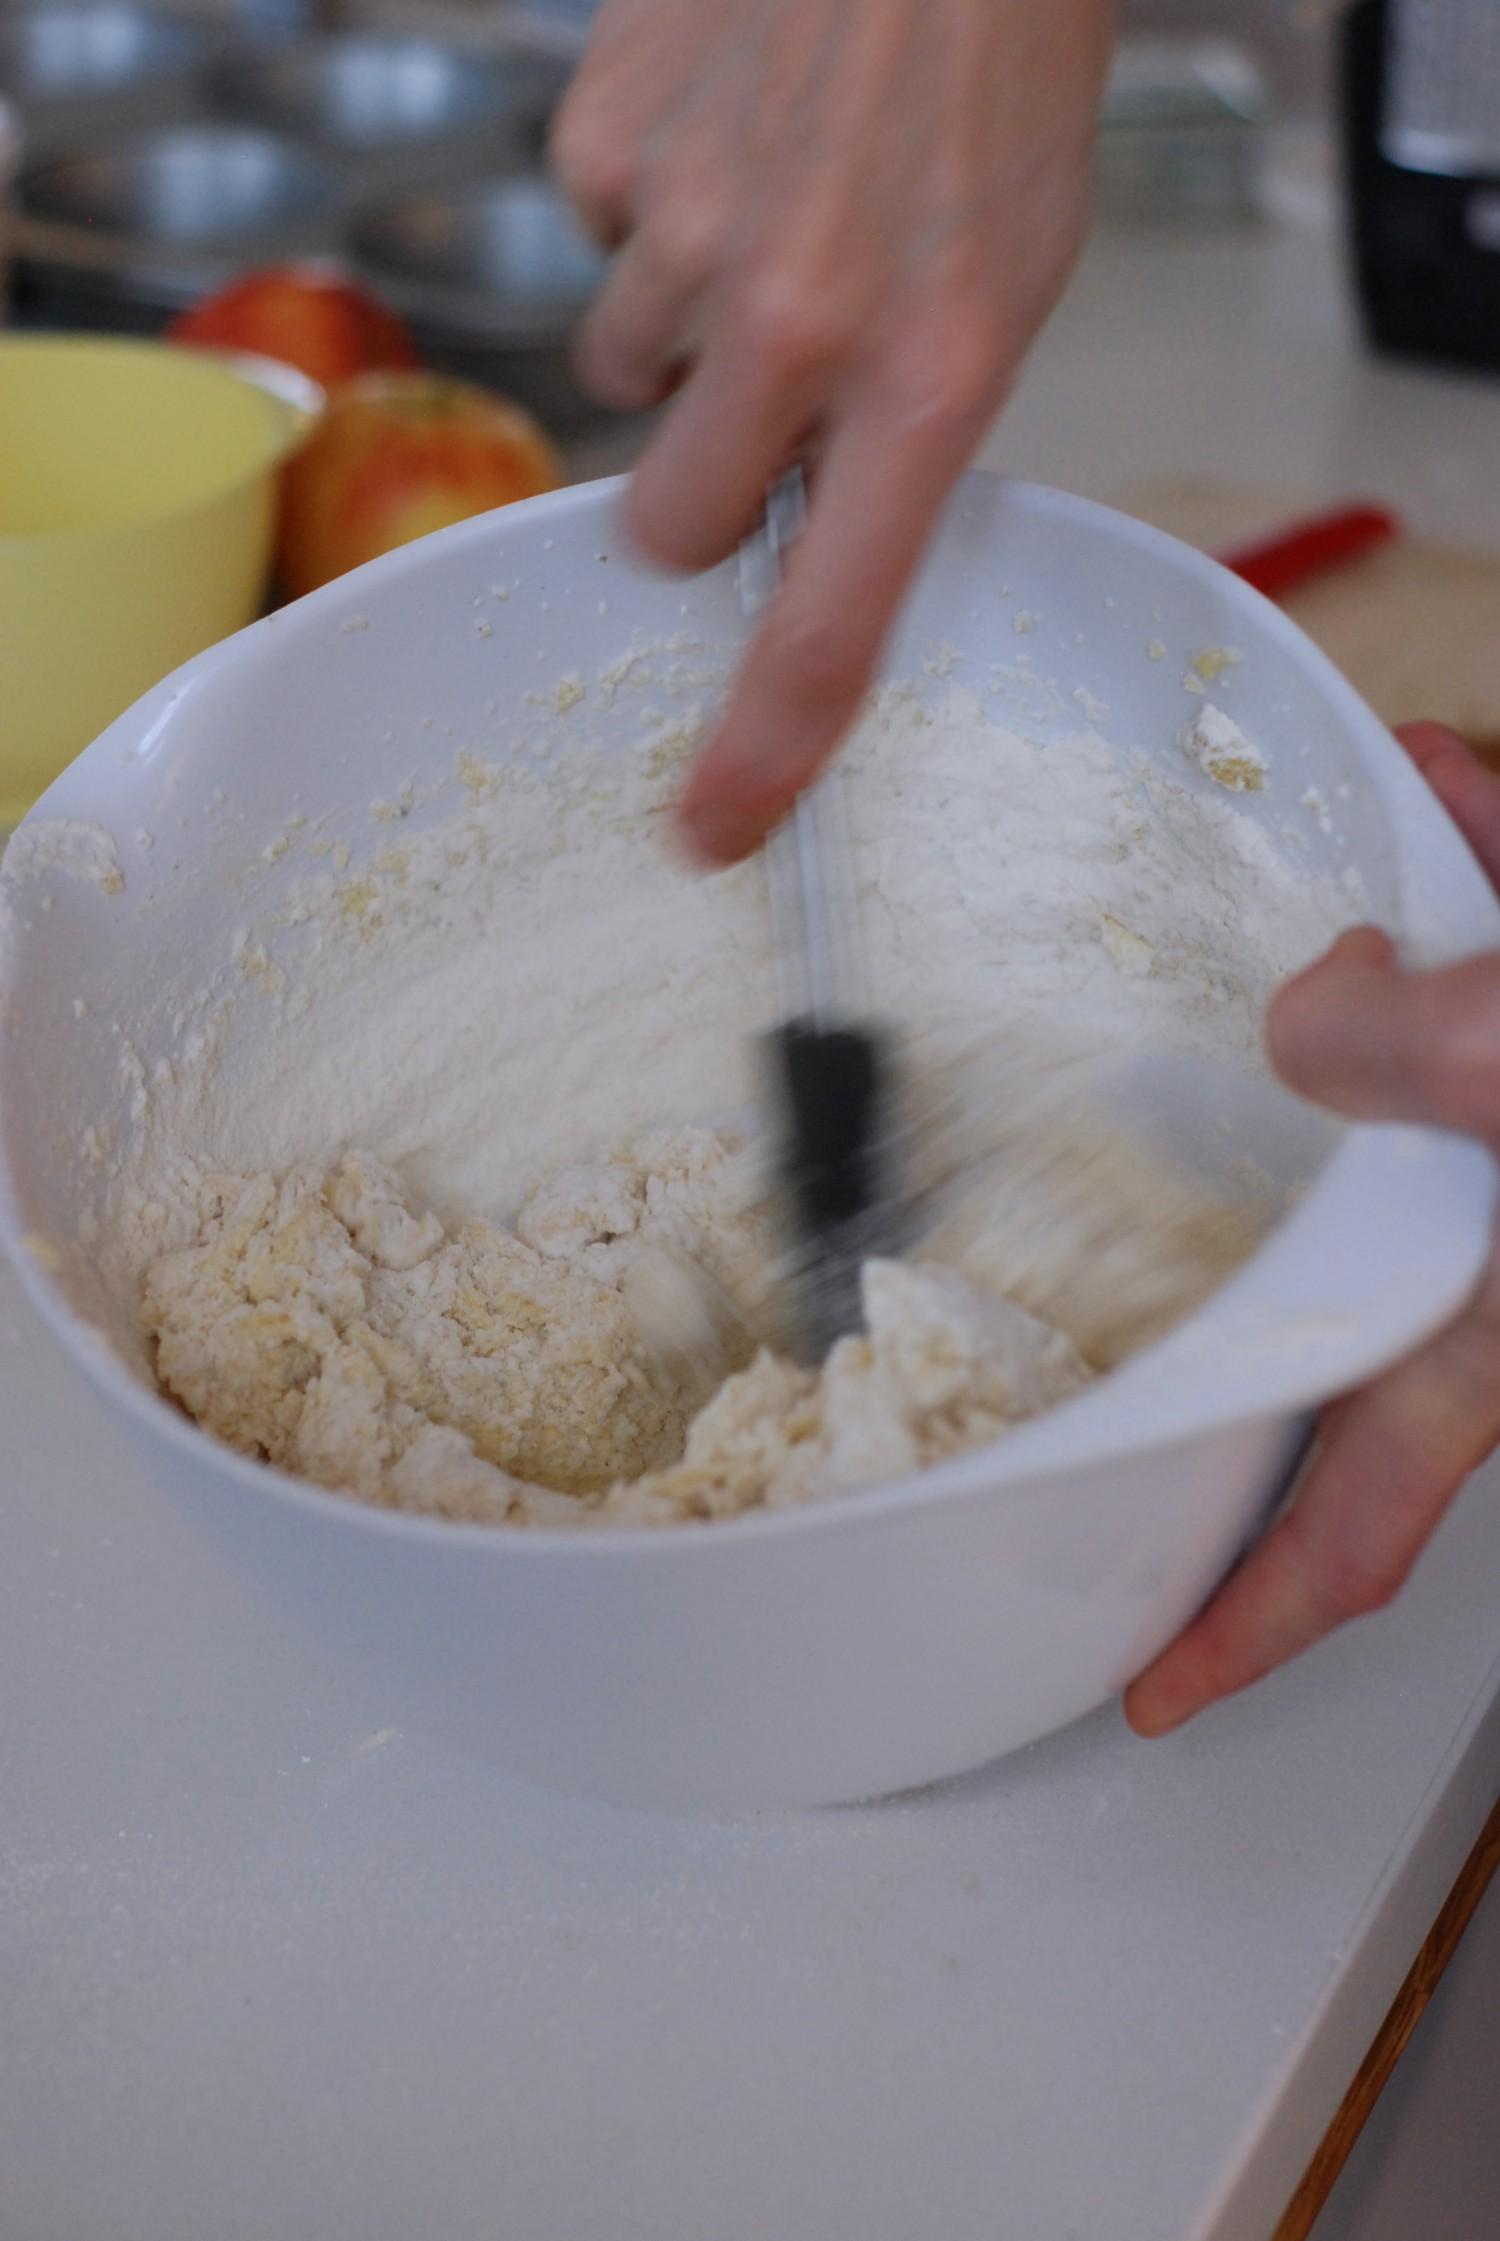 muffins-med-aebler-lidl-10